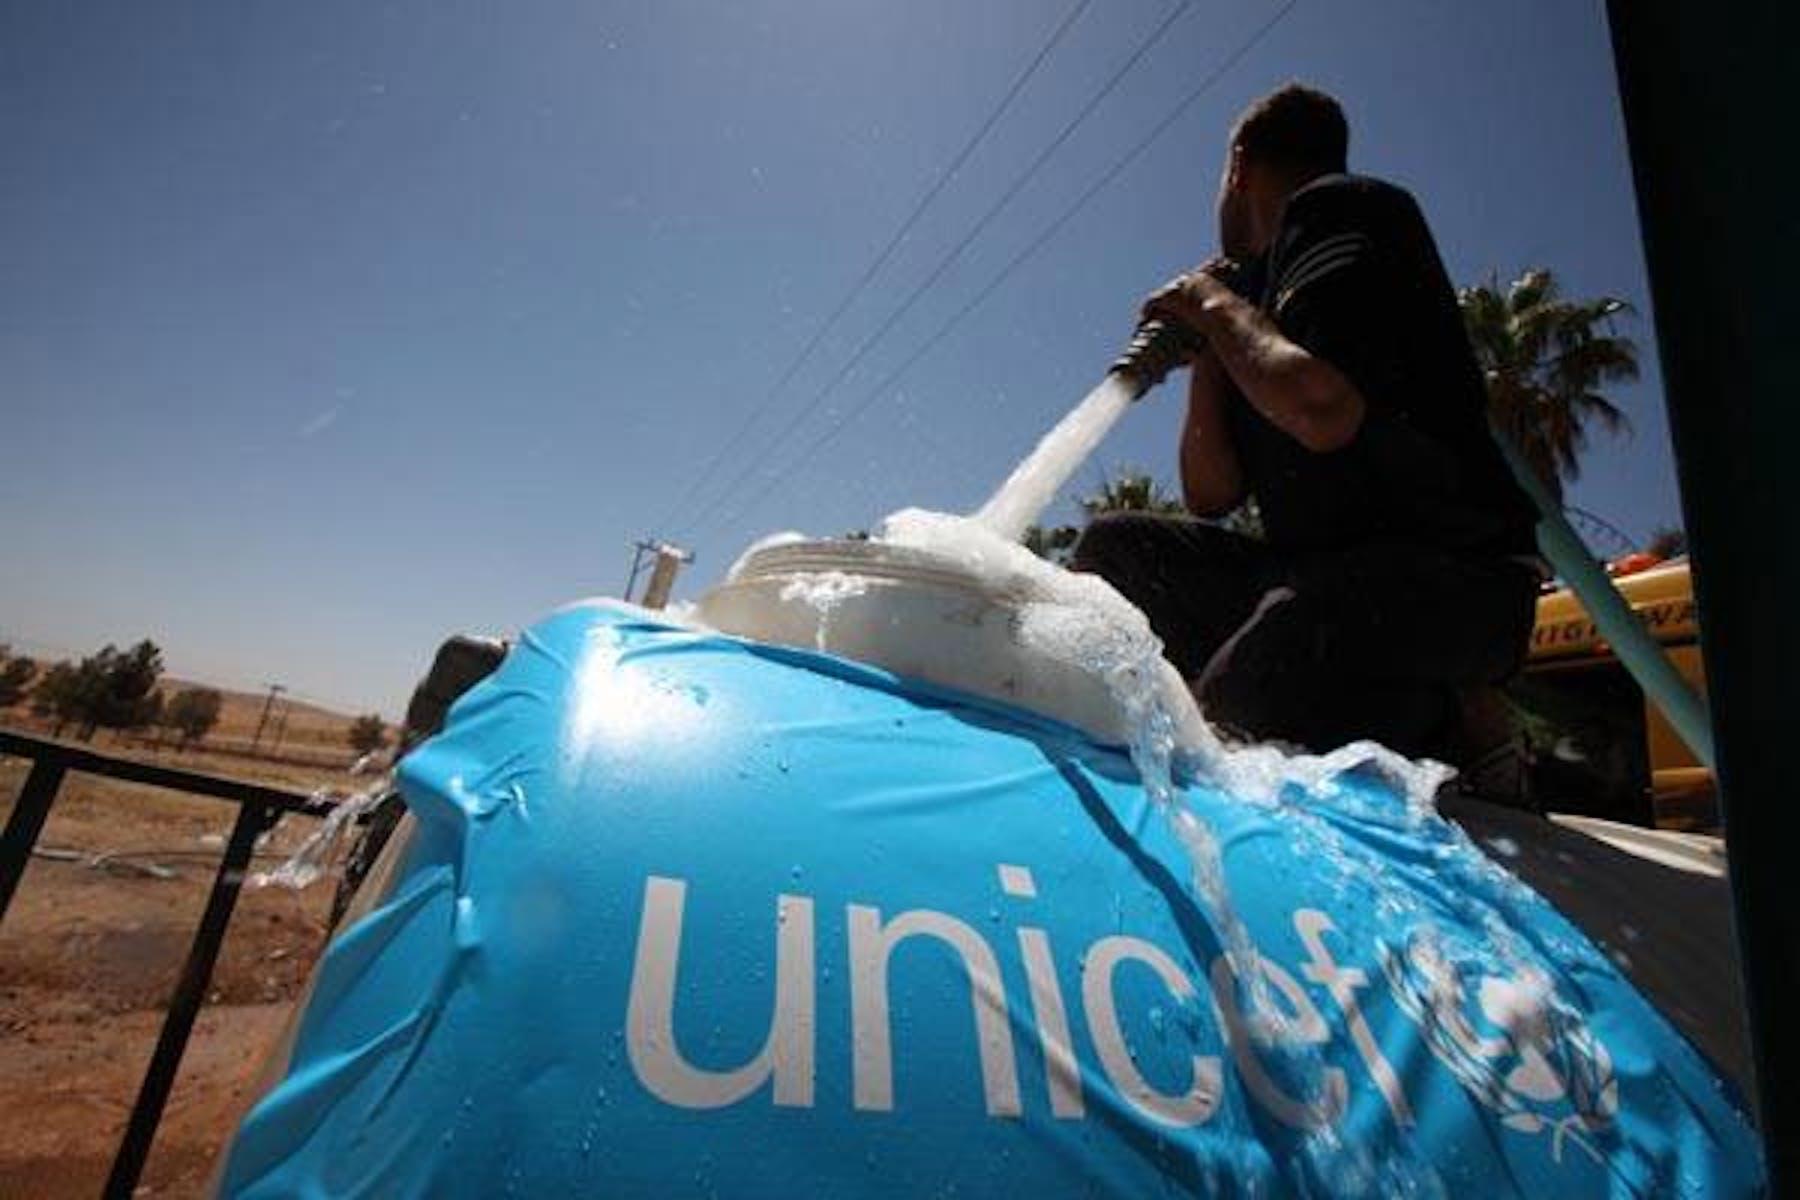 Campo Zaatari (Giordania). Un operatore UNICEF riempie un serbatoio d'acqua utile per soddisfare le esigenze igienico-sanitarie dei rifugiati. ©UNICEF